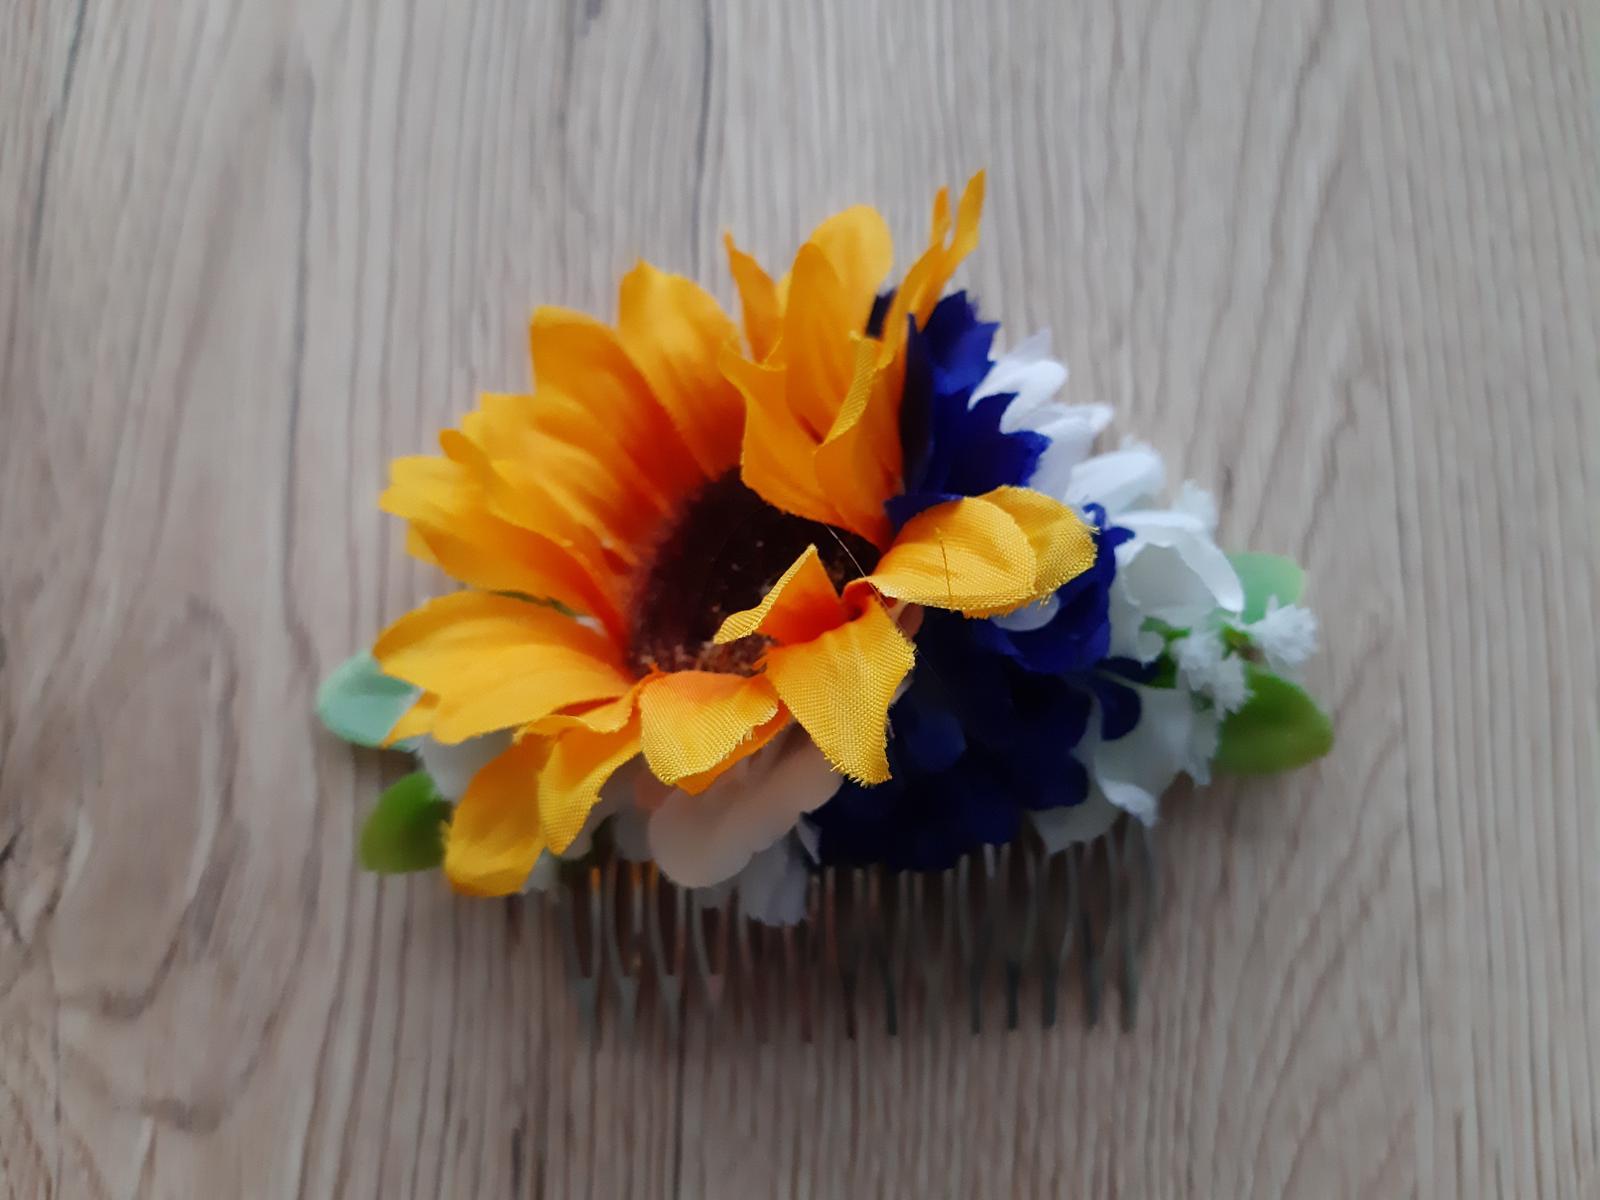 Květinová ozdoba do vlasů na hřebínku se slunečnic - Obrázek č. 1